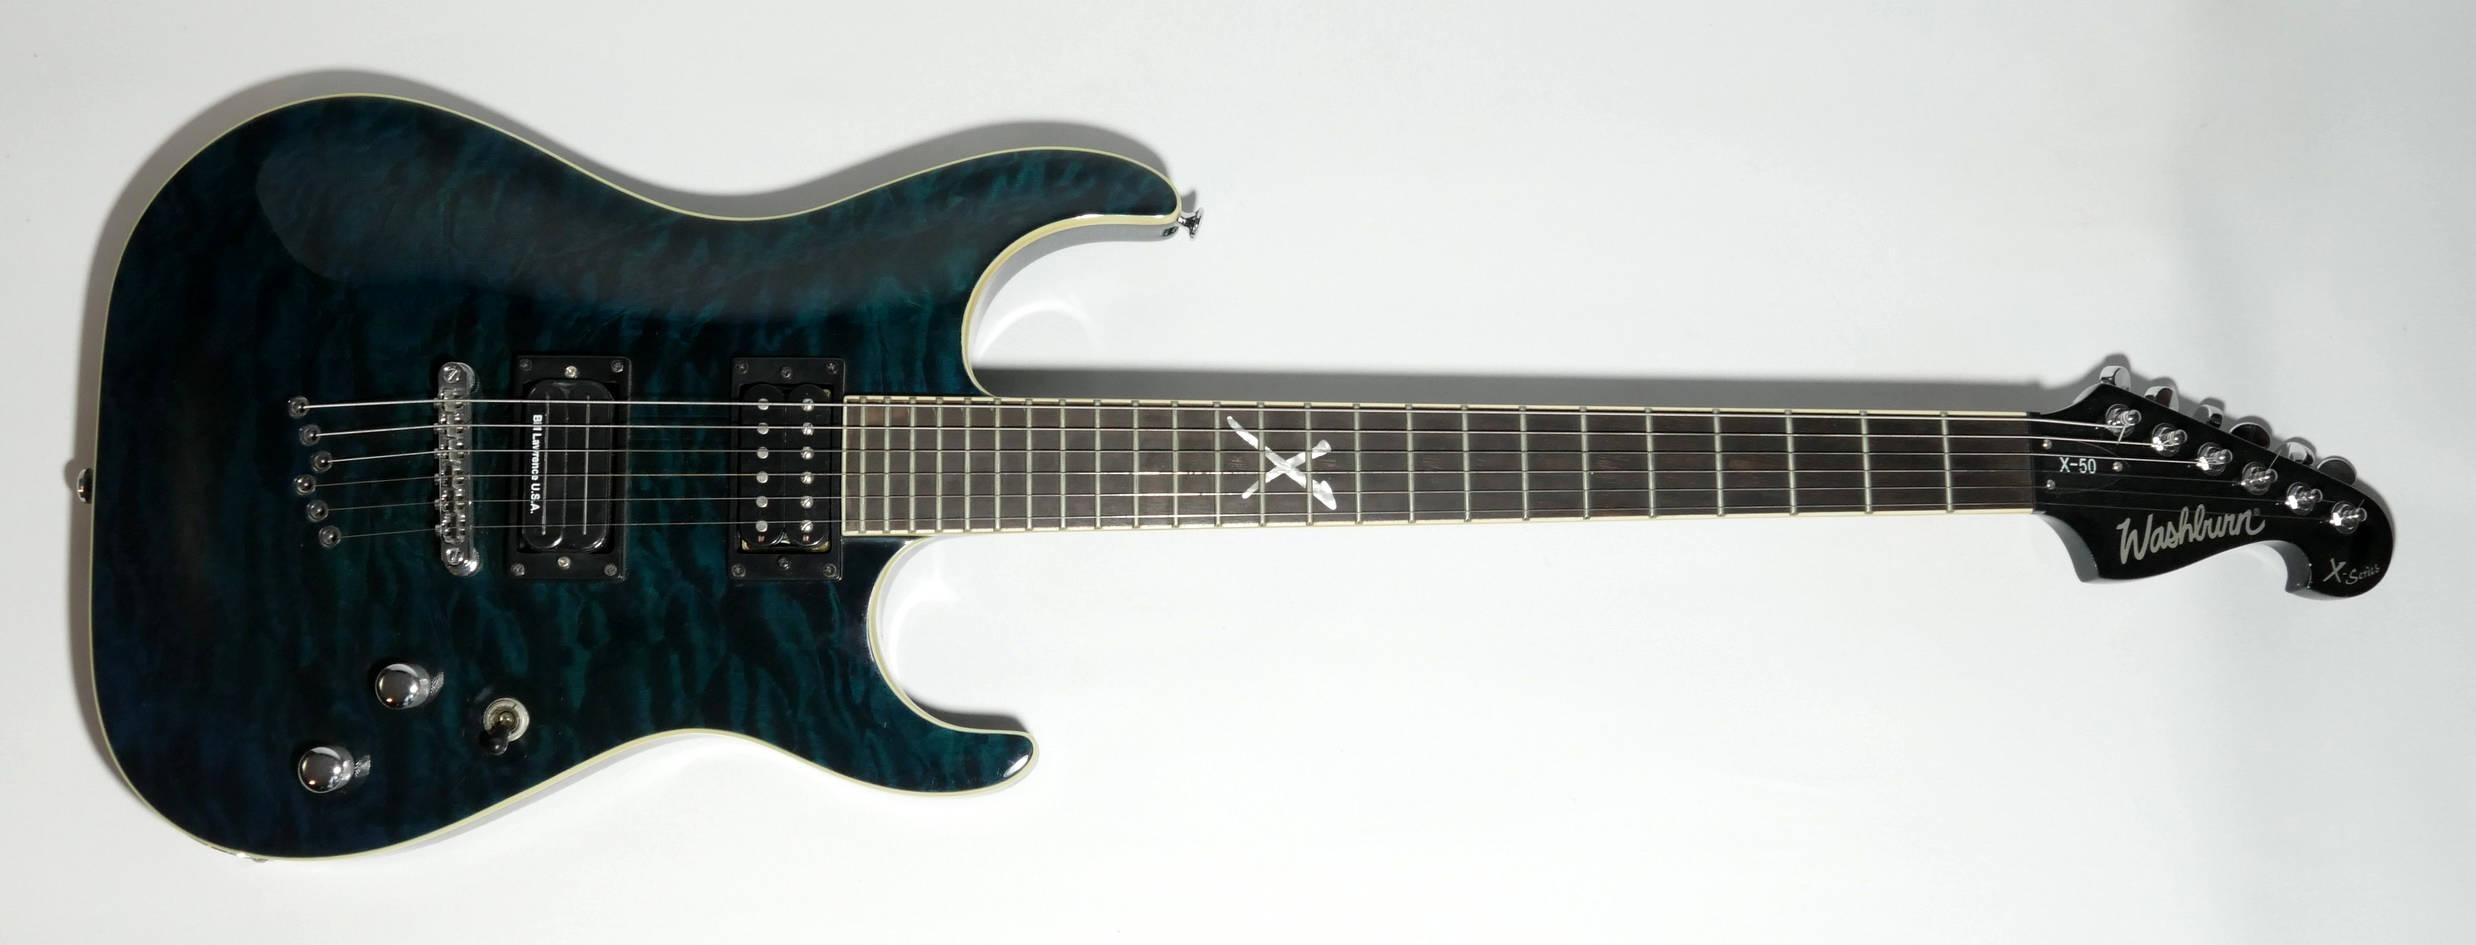 E-Gitarre WASHBURN X-50 Pro